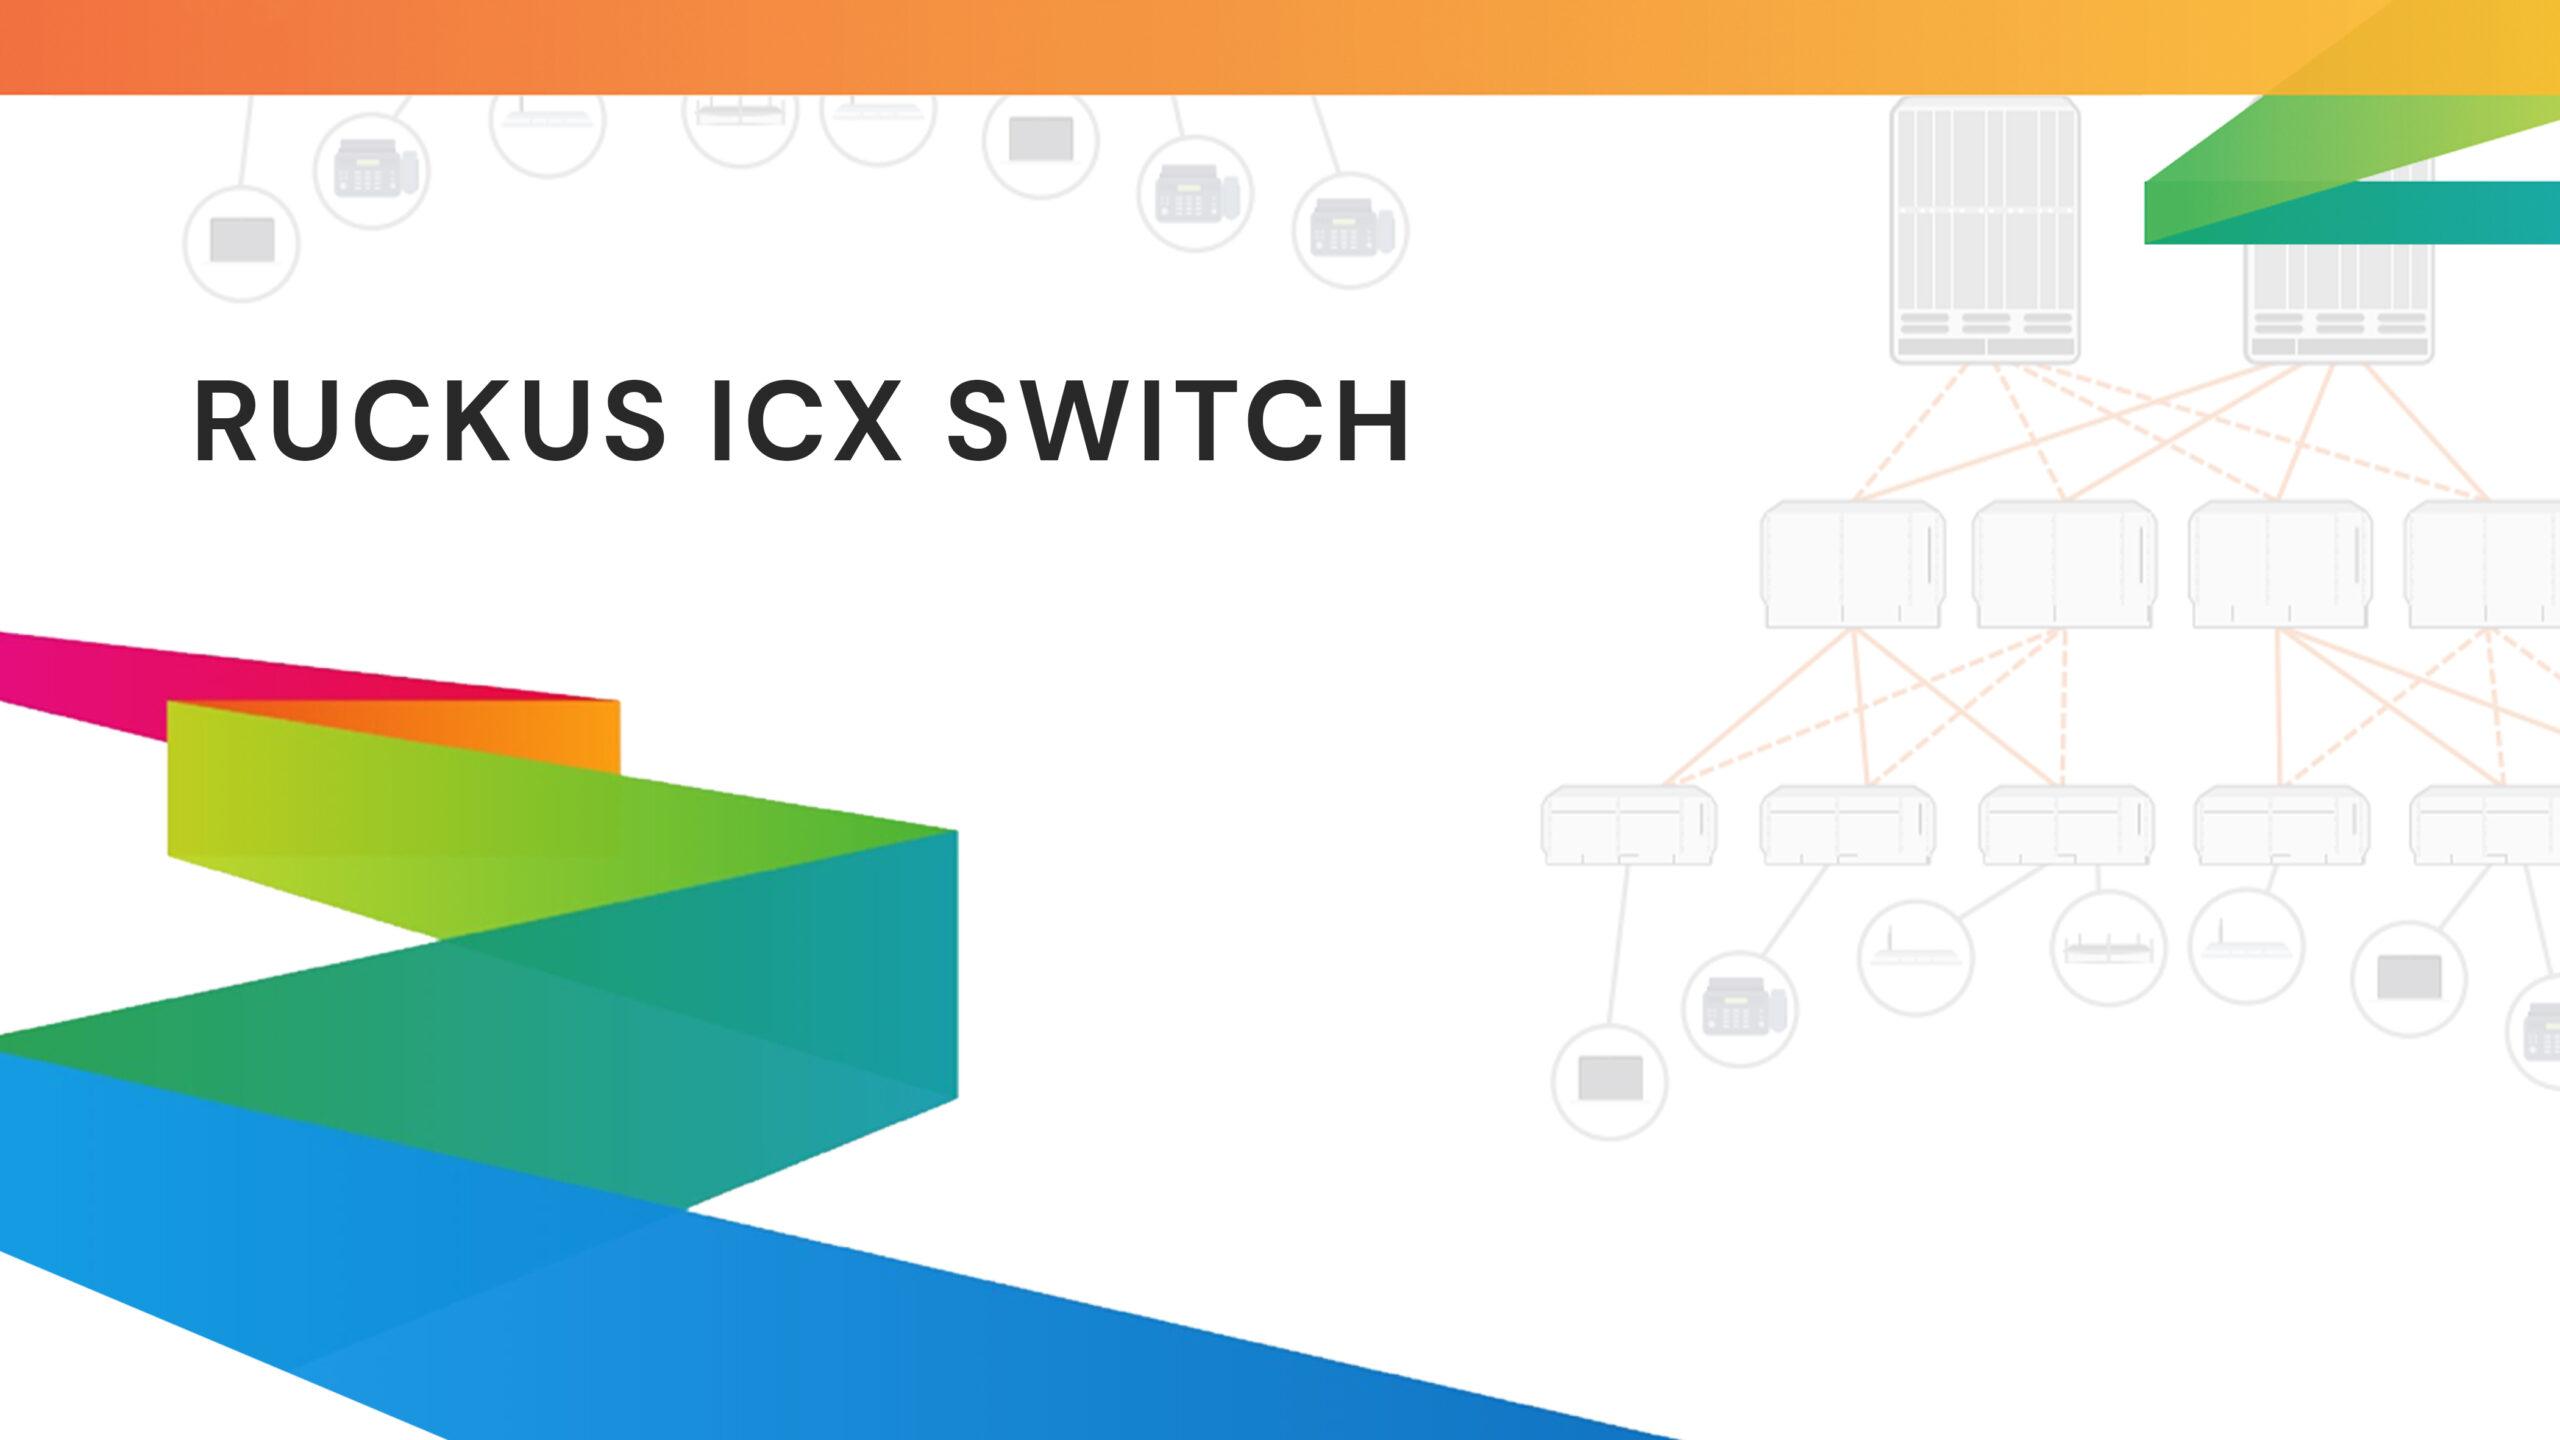 Ruckus ICX Switch